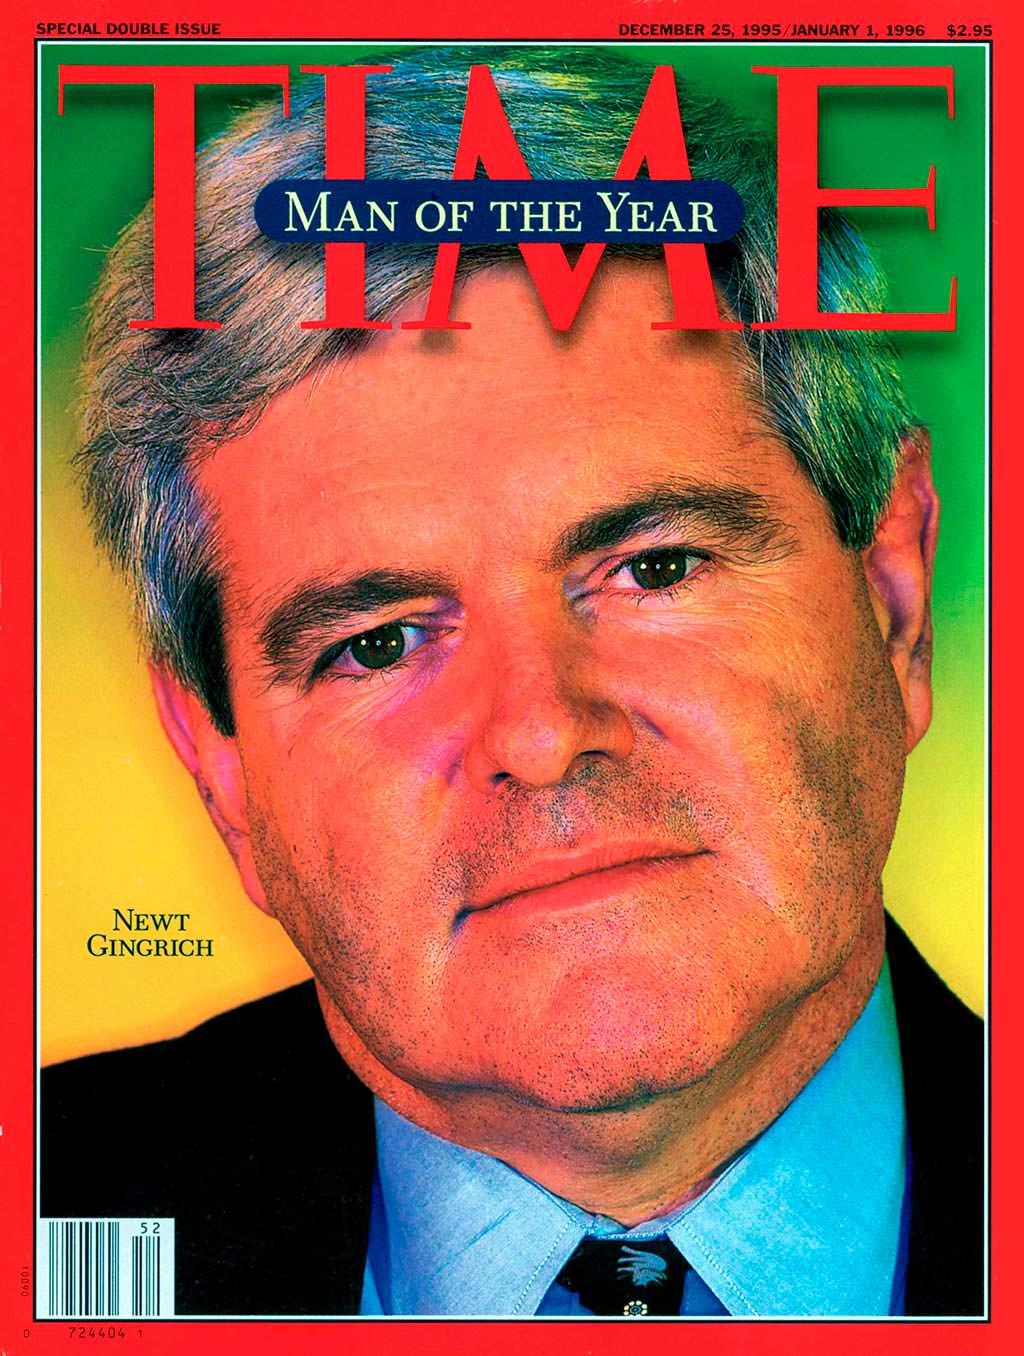 1995 год. Американский политик Ньют Гингрич на обложке Time